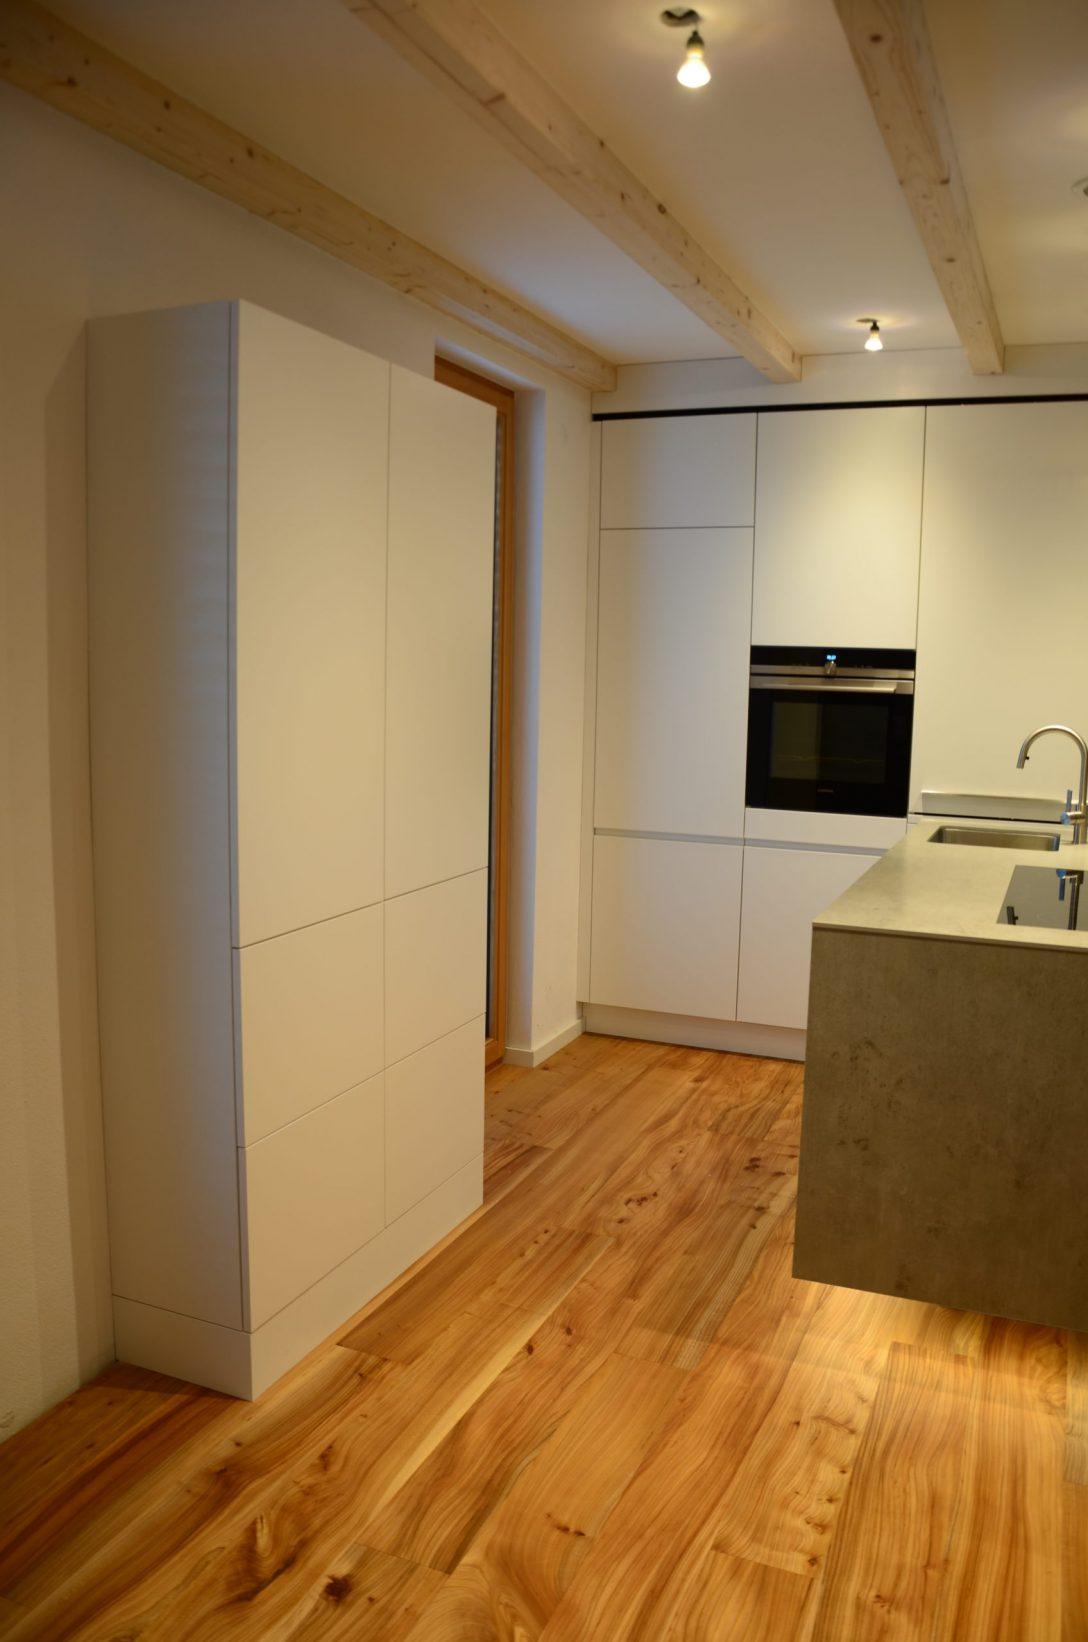 Large Size of Moderne Landhausküche Günstige Küche Mit E Geräten Büroküche Miniküche Kühlschrank Pendelleuchte Rückwand Glas Tresen Weiße Ausstellungsstück Wohnzimmer Beleuchtung Küche